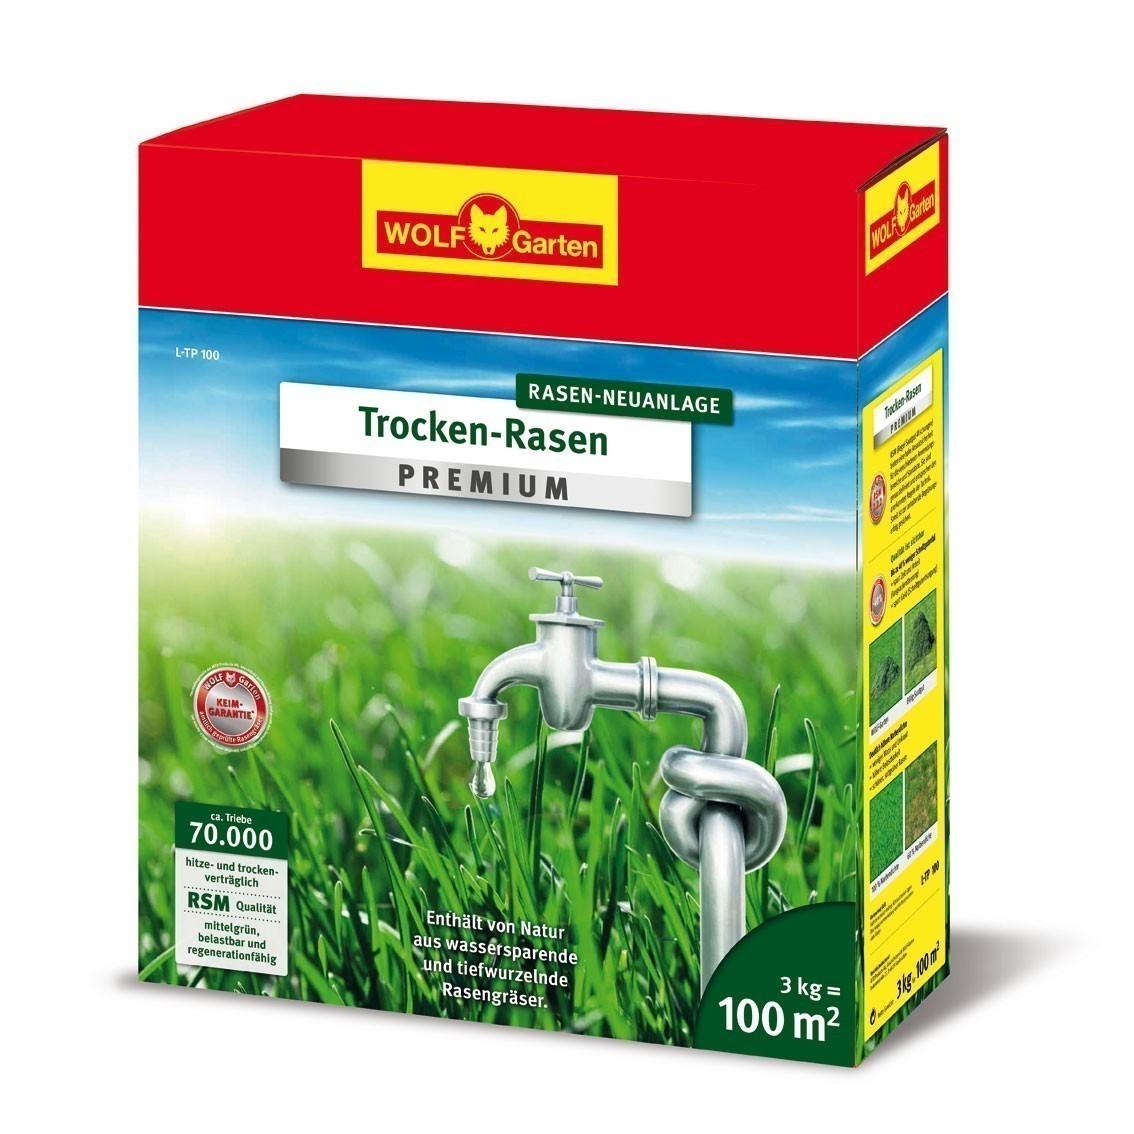 Wolf Garten Rasensamen Trocken-Rasen Premium Saatgut L-TP100 für ...